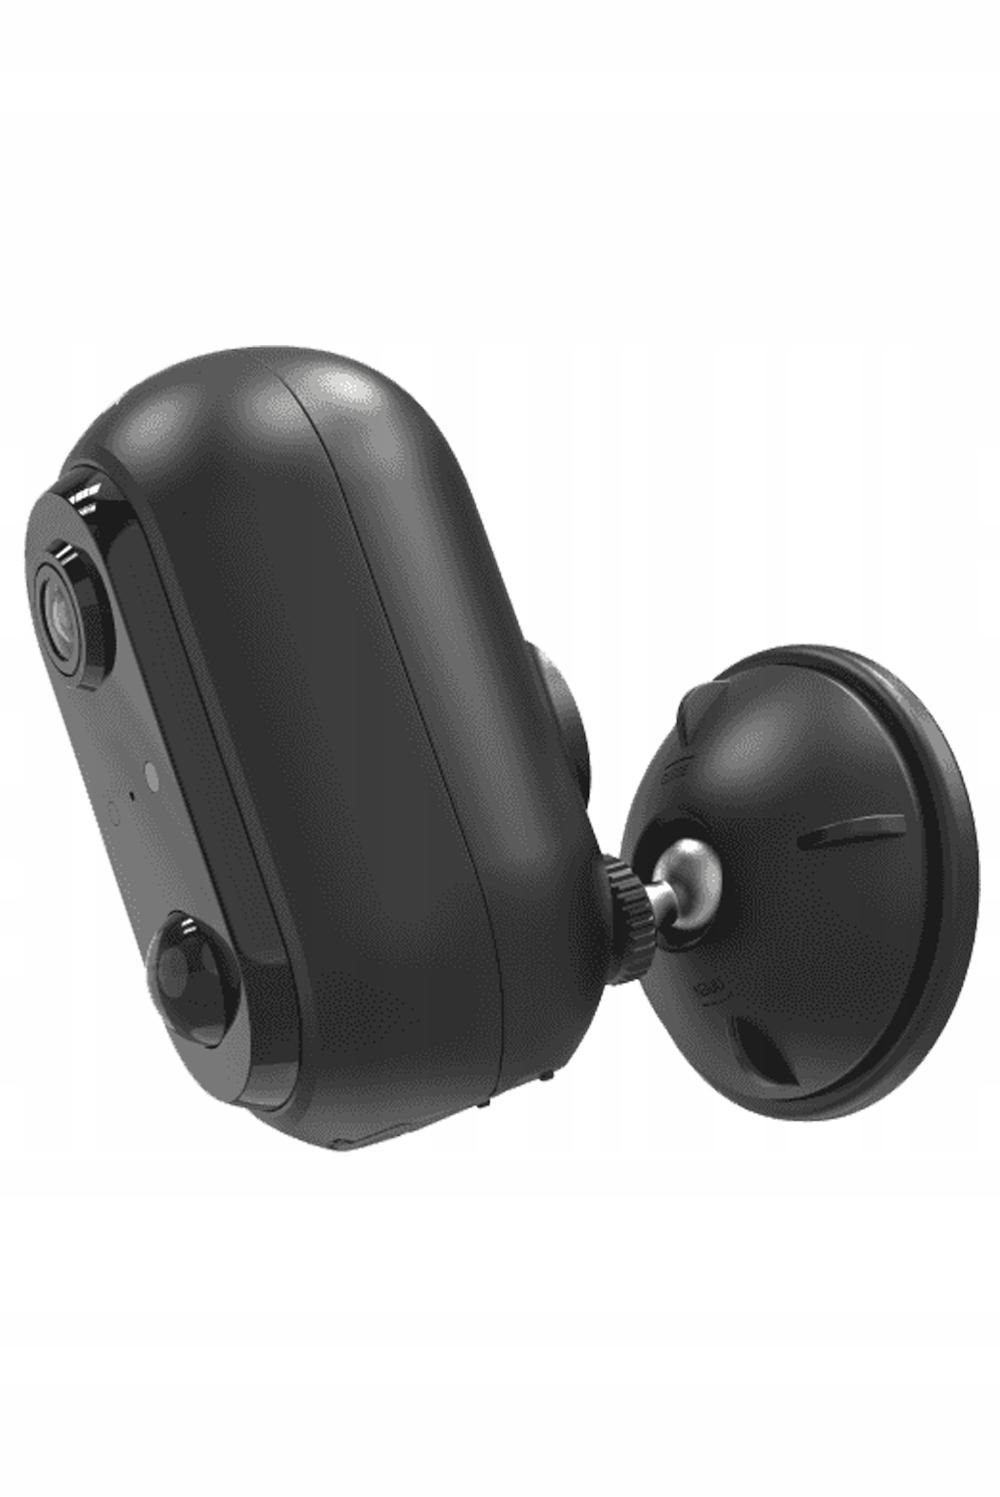 Zewnętrzna kamera bezprzewodowa TUYA WiFi 1080p IR Marka Woox